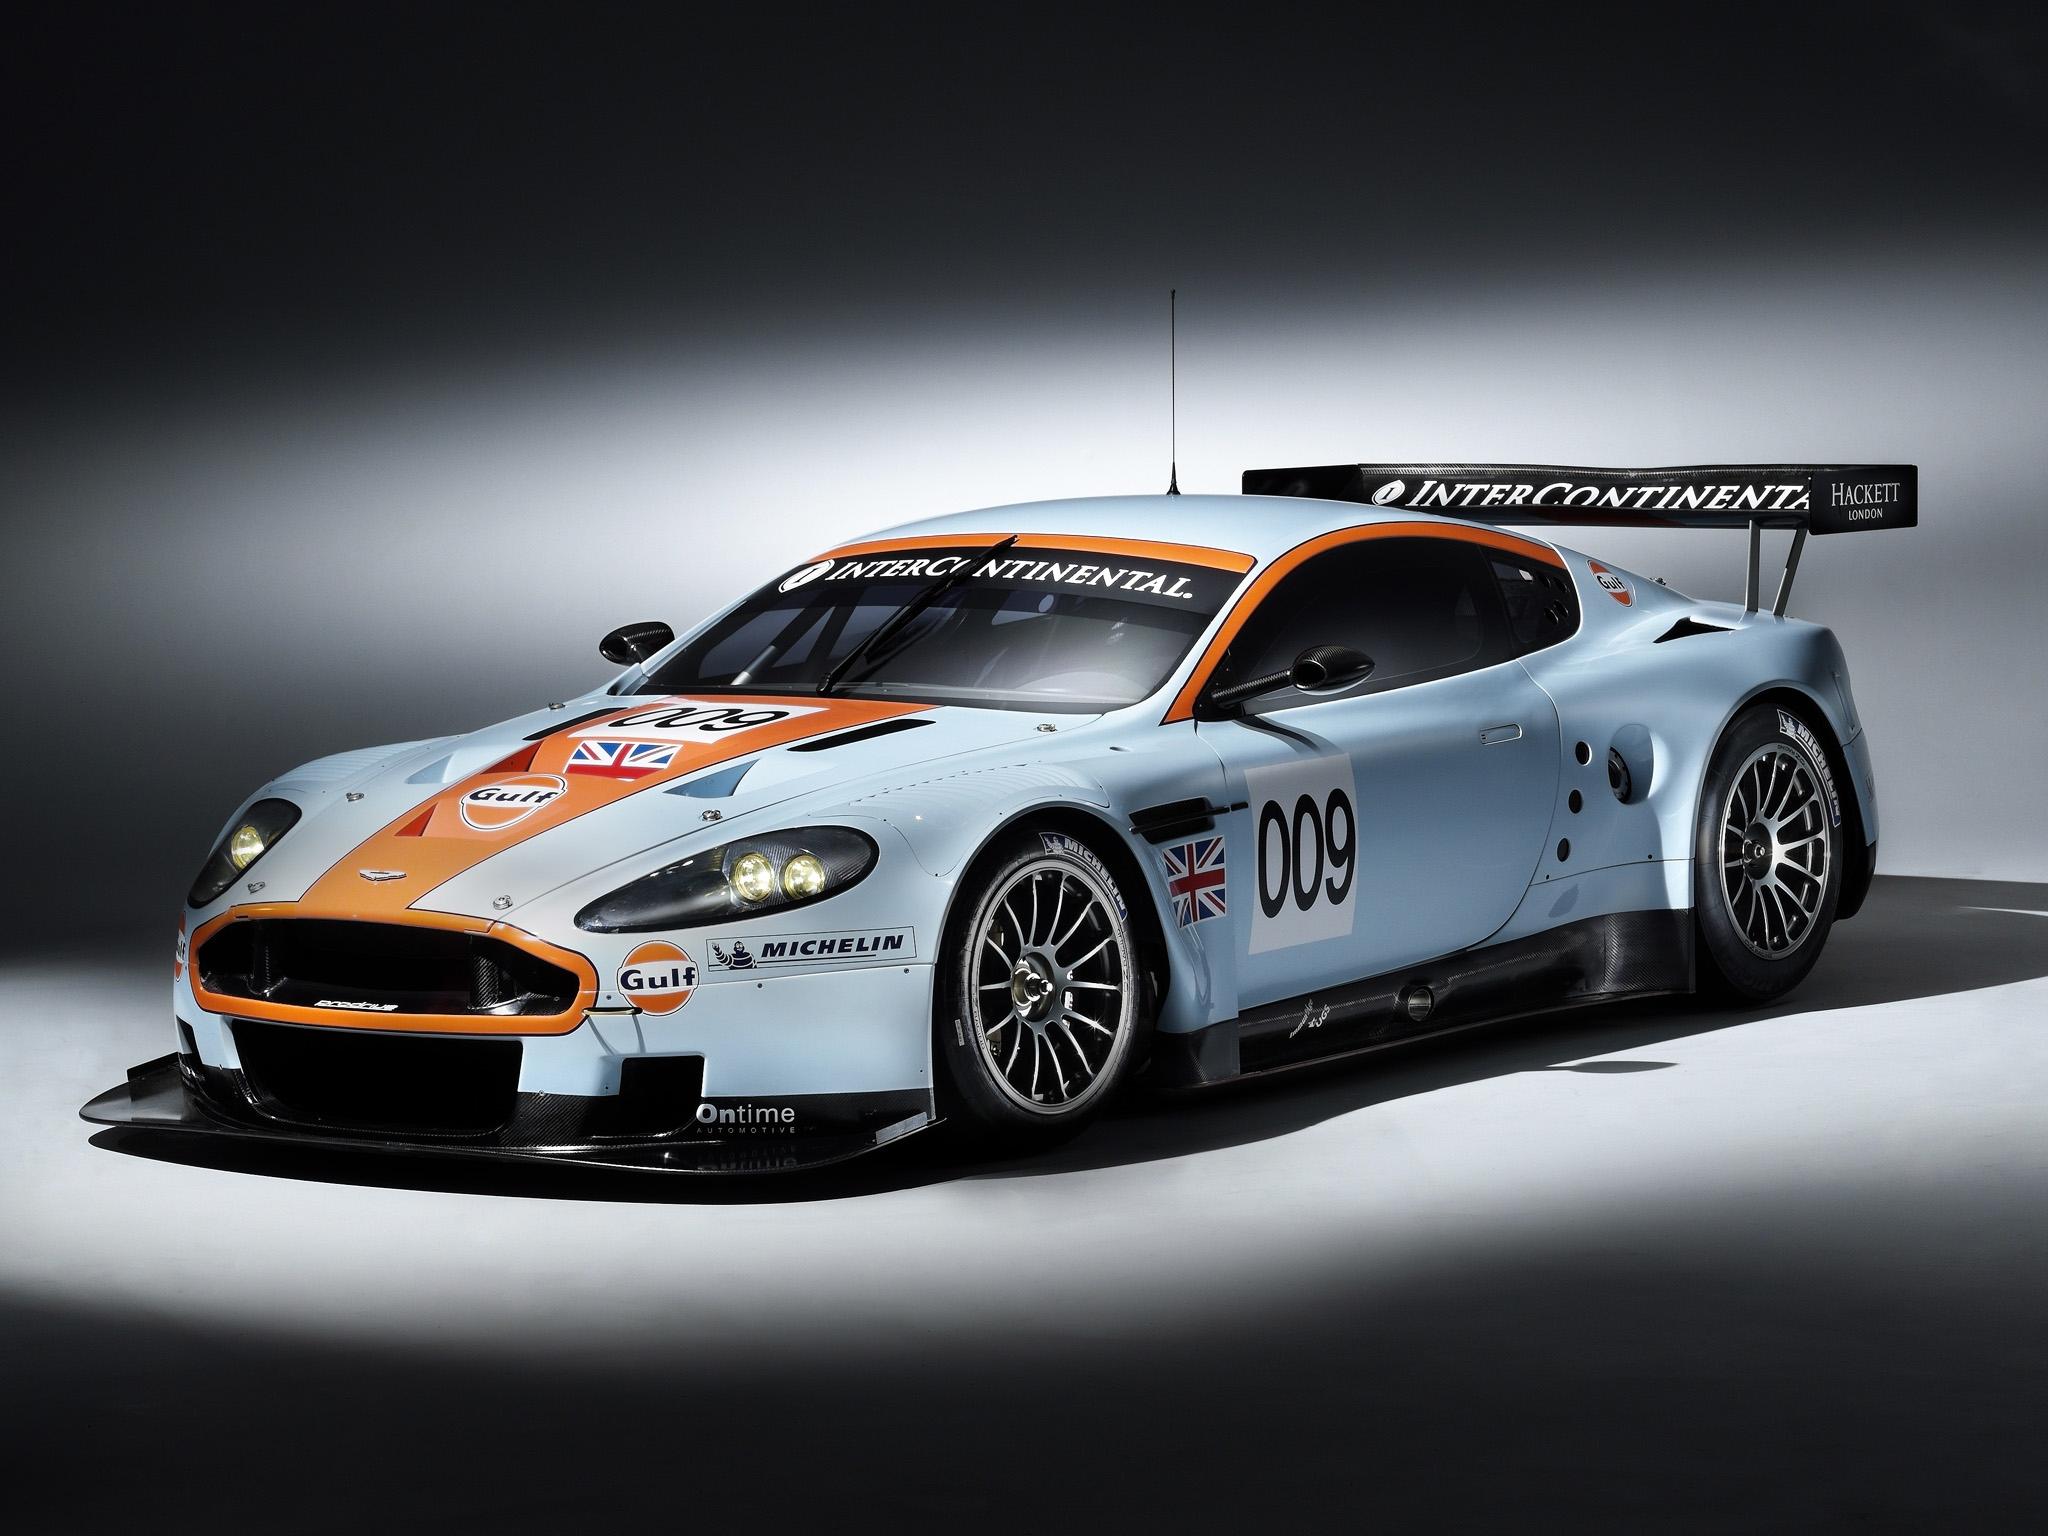 102638 скачать обои Спорт, Машины, Астон Мартин (Aston Martin), Тачки (Cars), Белый, Вид Сбоку, Стиль, 2008, Dbr9, Гоночный Болид - заставки и картинки бесплатно